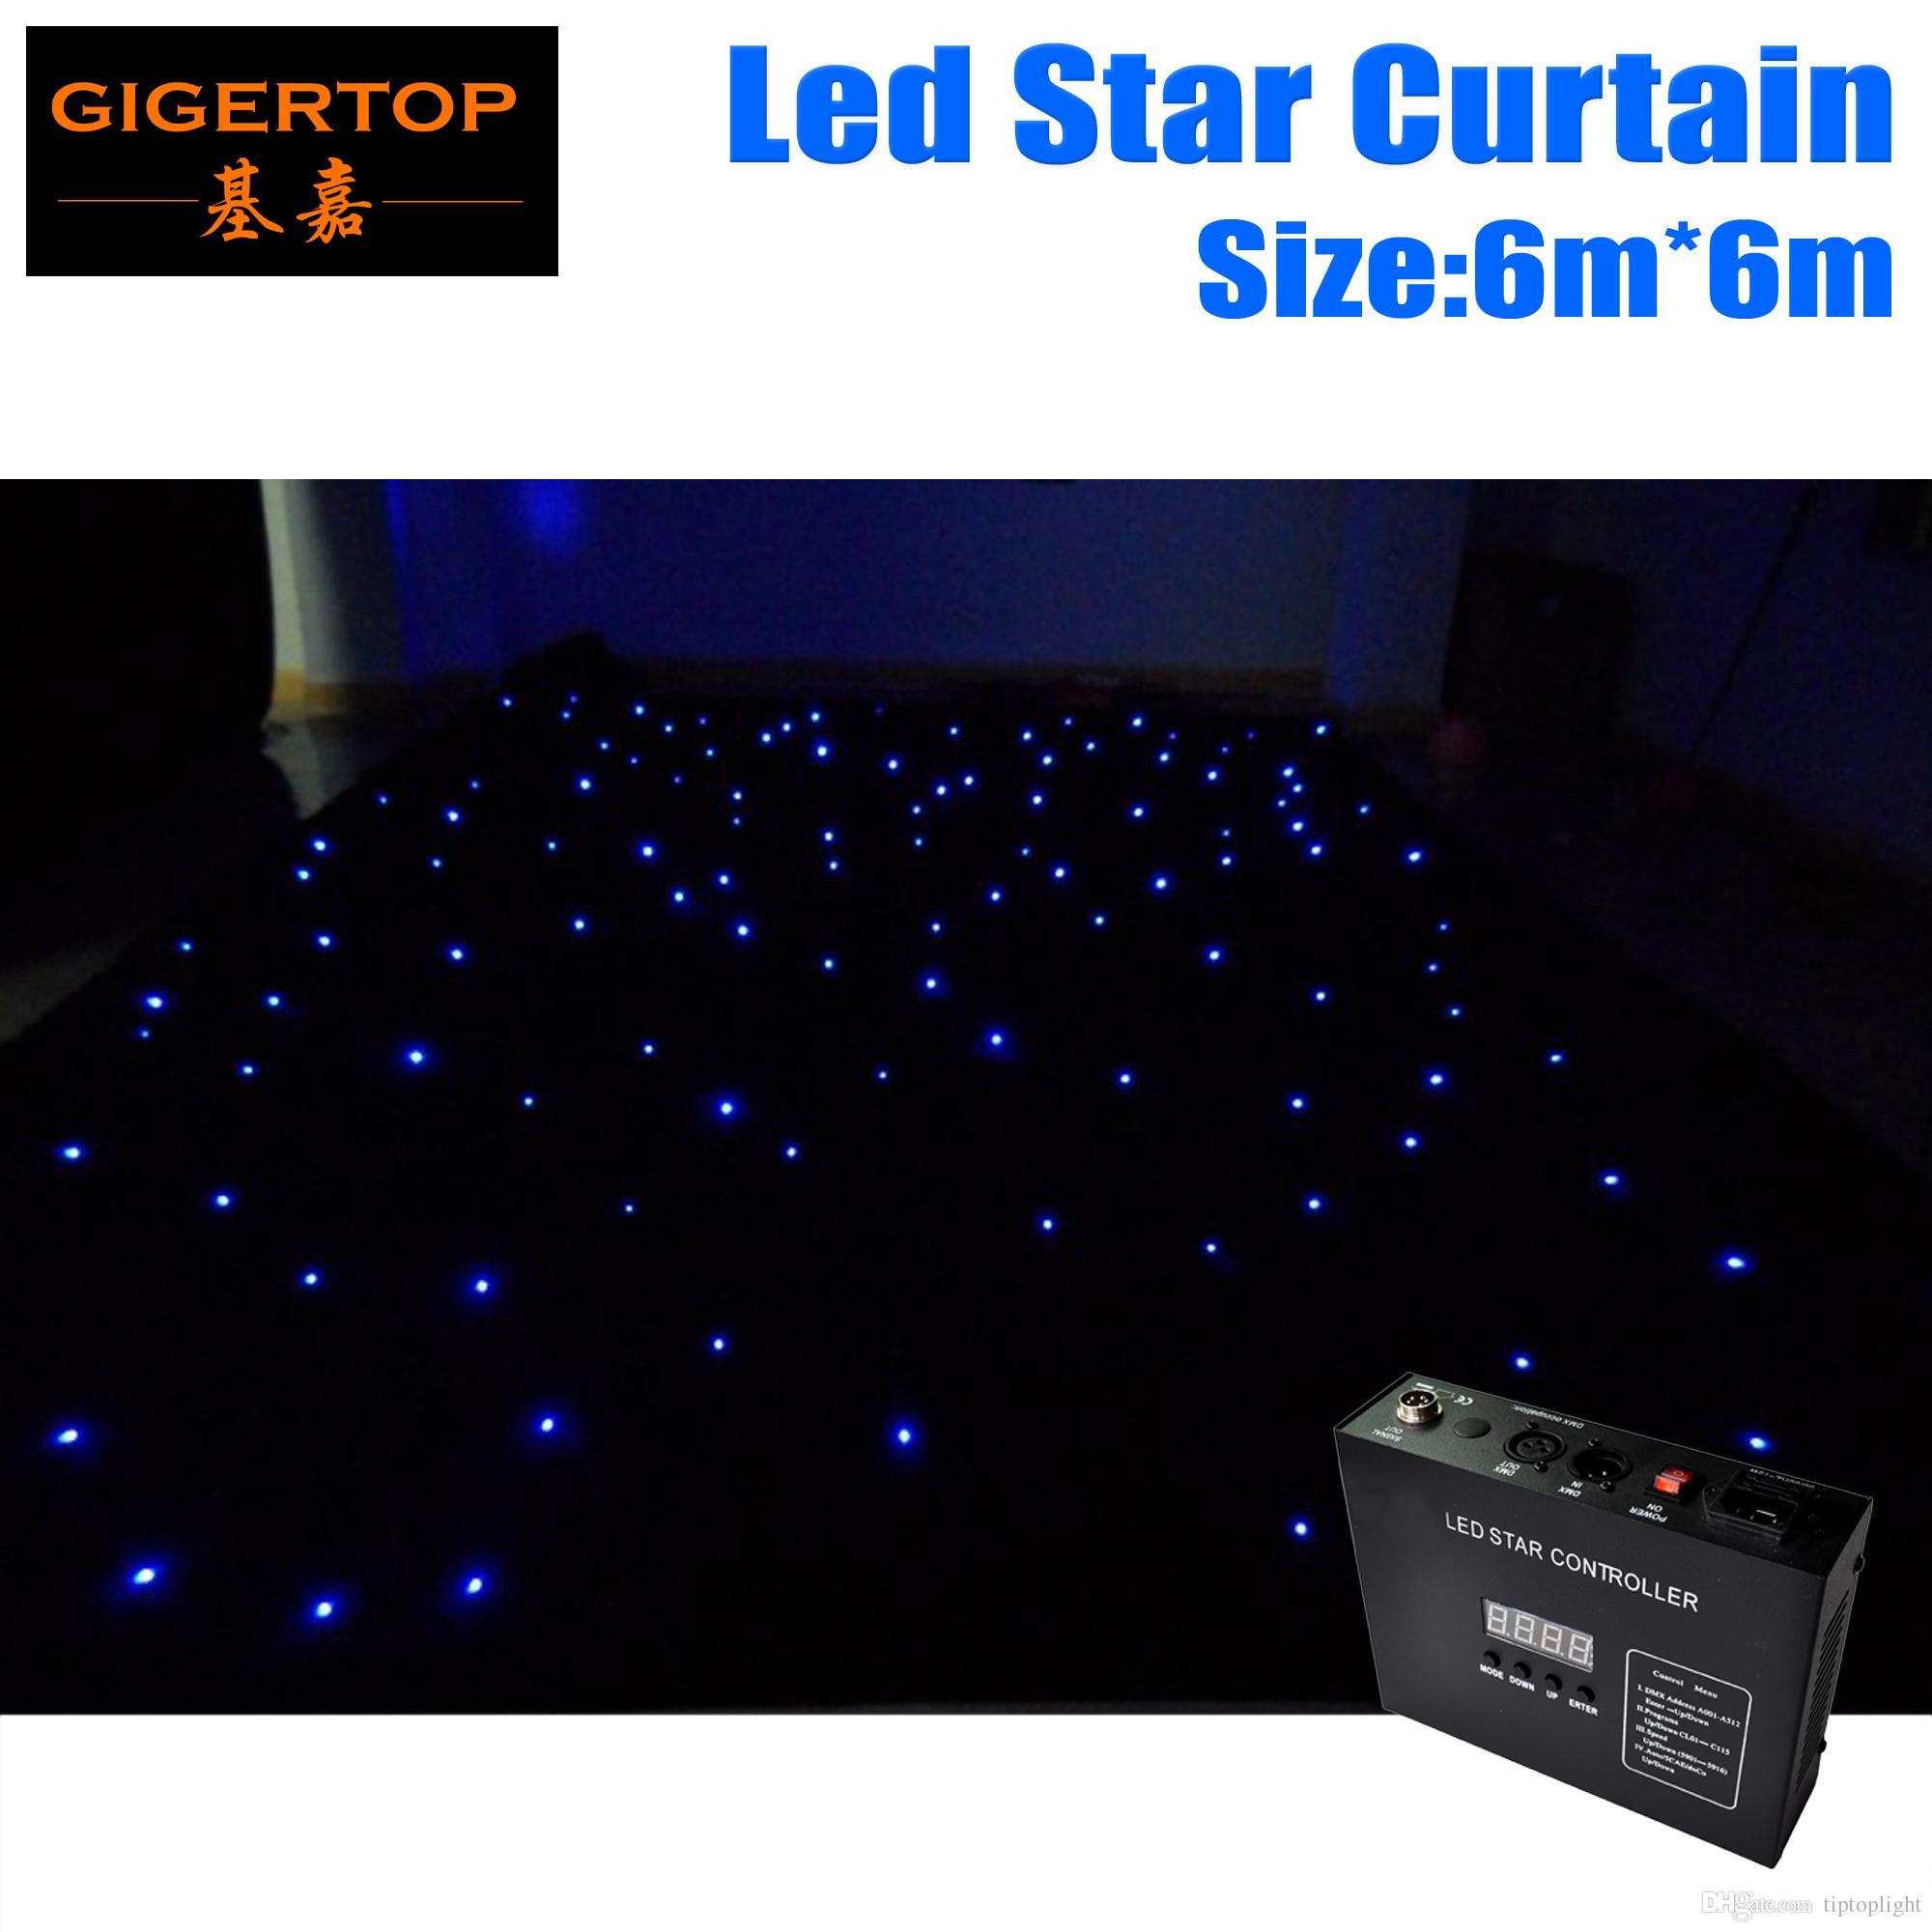 Hoge kwaliteit 6m * 6 m brandwerende LED-ster doek LED vision doek led gordijn doek achtergrond Stadium licht, 90V-240v 45 graden kijkhoek